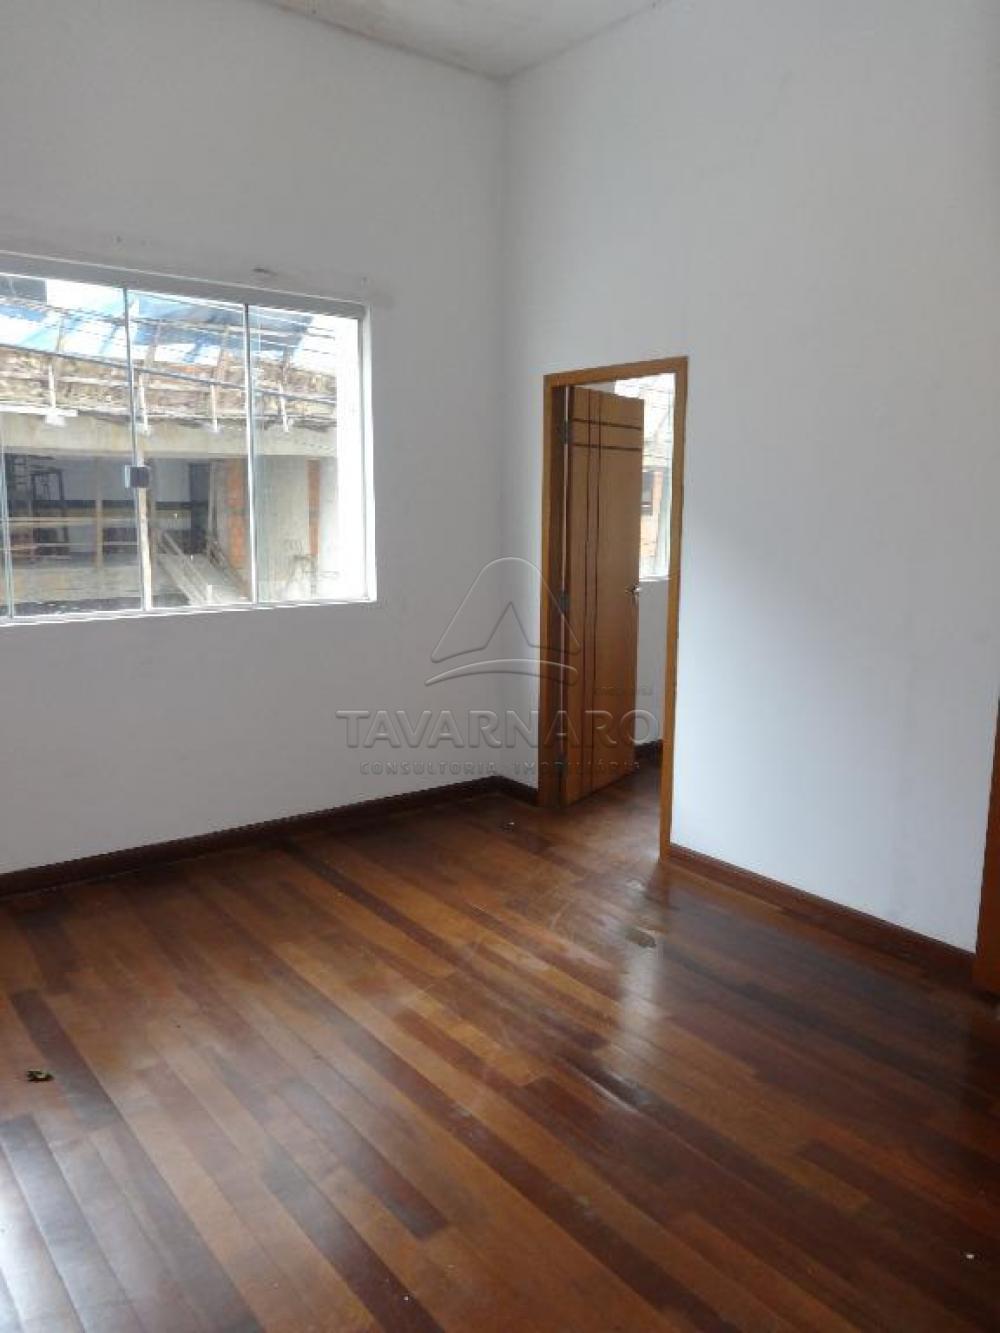 Alugar Comercial / Casa em Ponta Grossa apenas R$ 2.000,00 - Foto 5